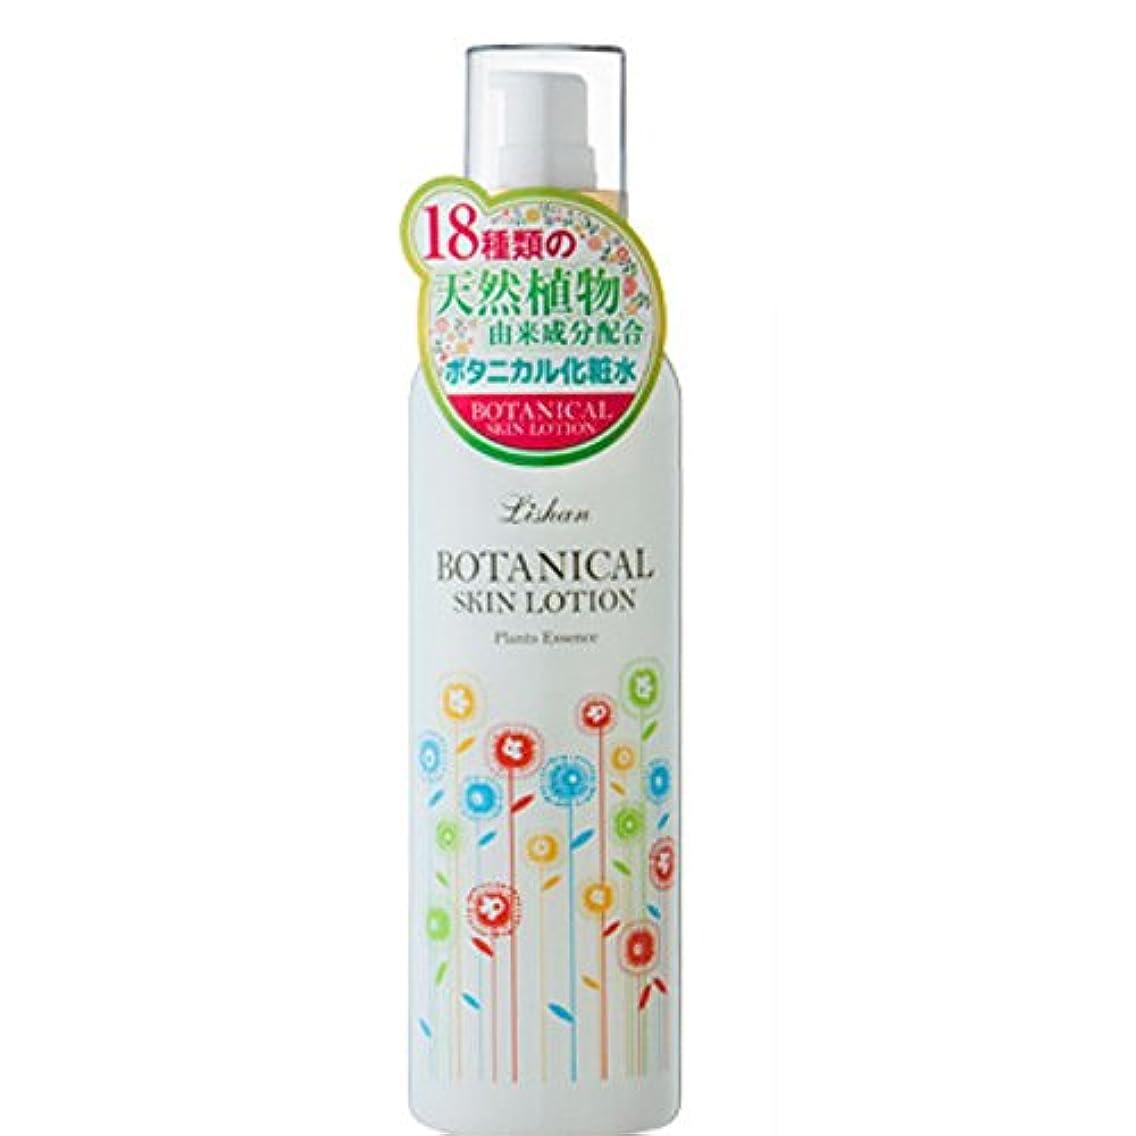 既にスリット船尾アイスタイル リシャン ボタニカル化粧水 フローラルの香り 260ml